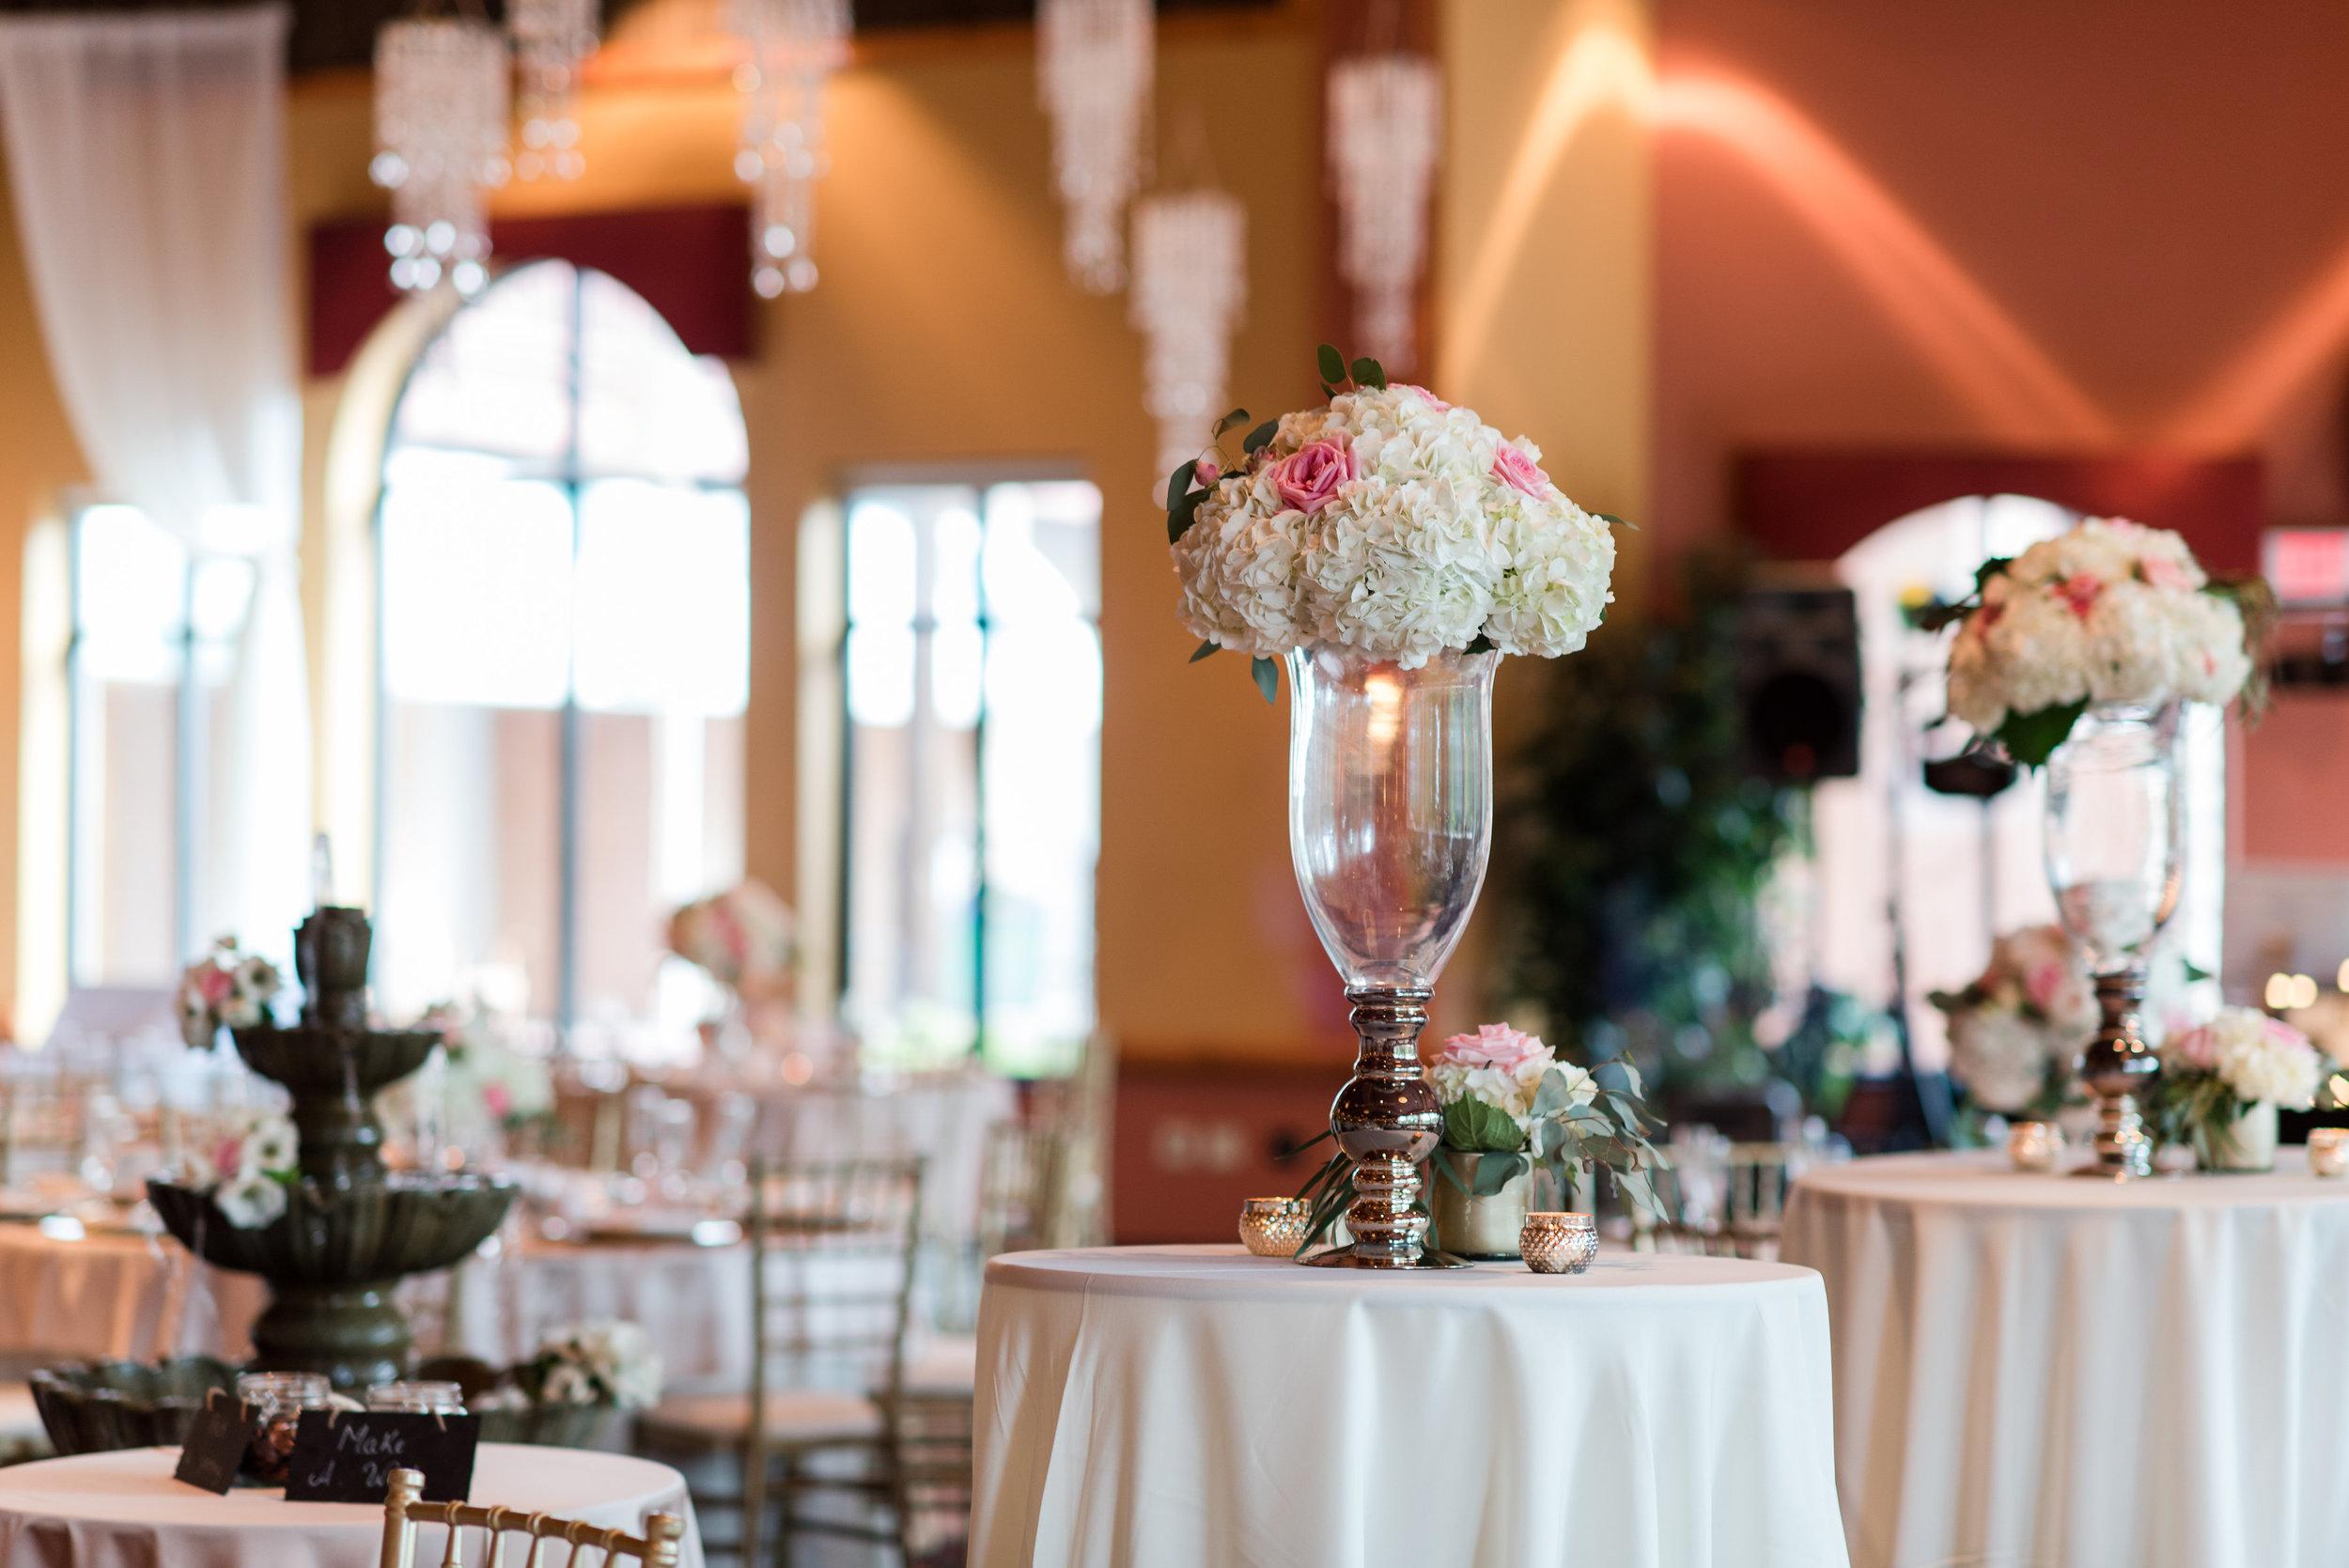 Wisconsin dells wedding planner, wisconsin dells wedding florist